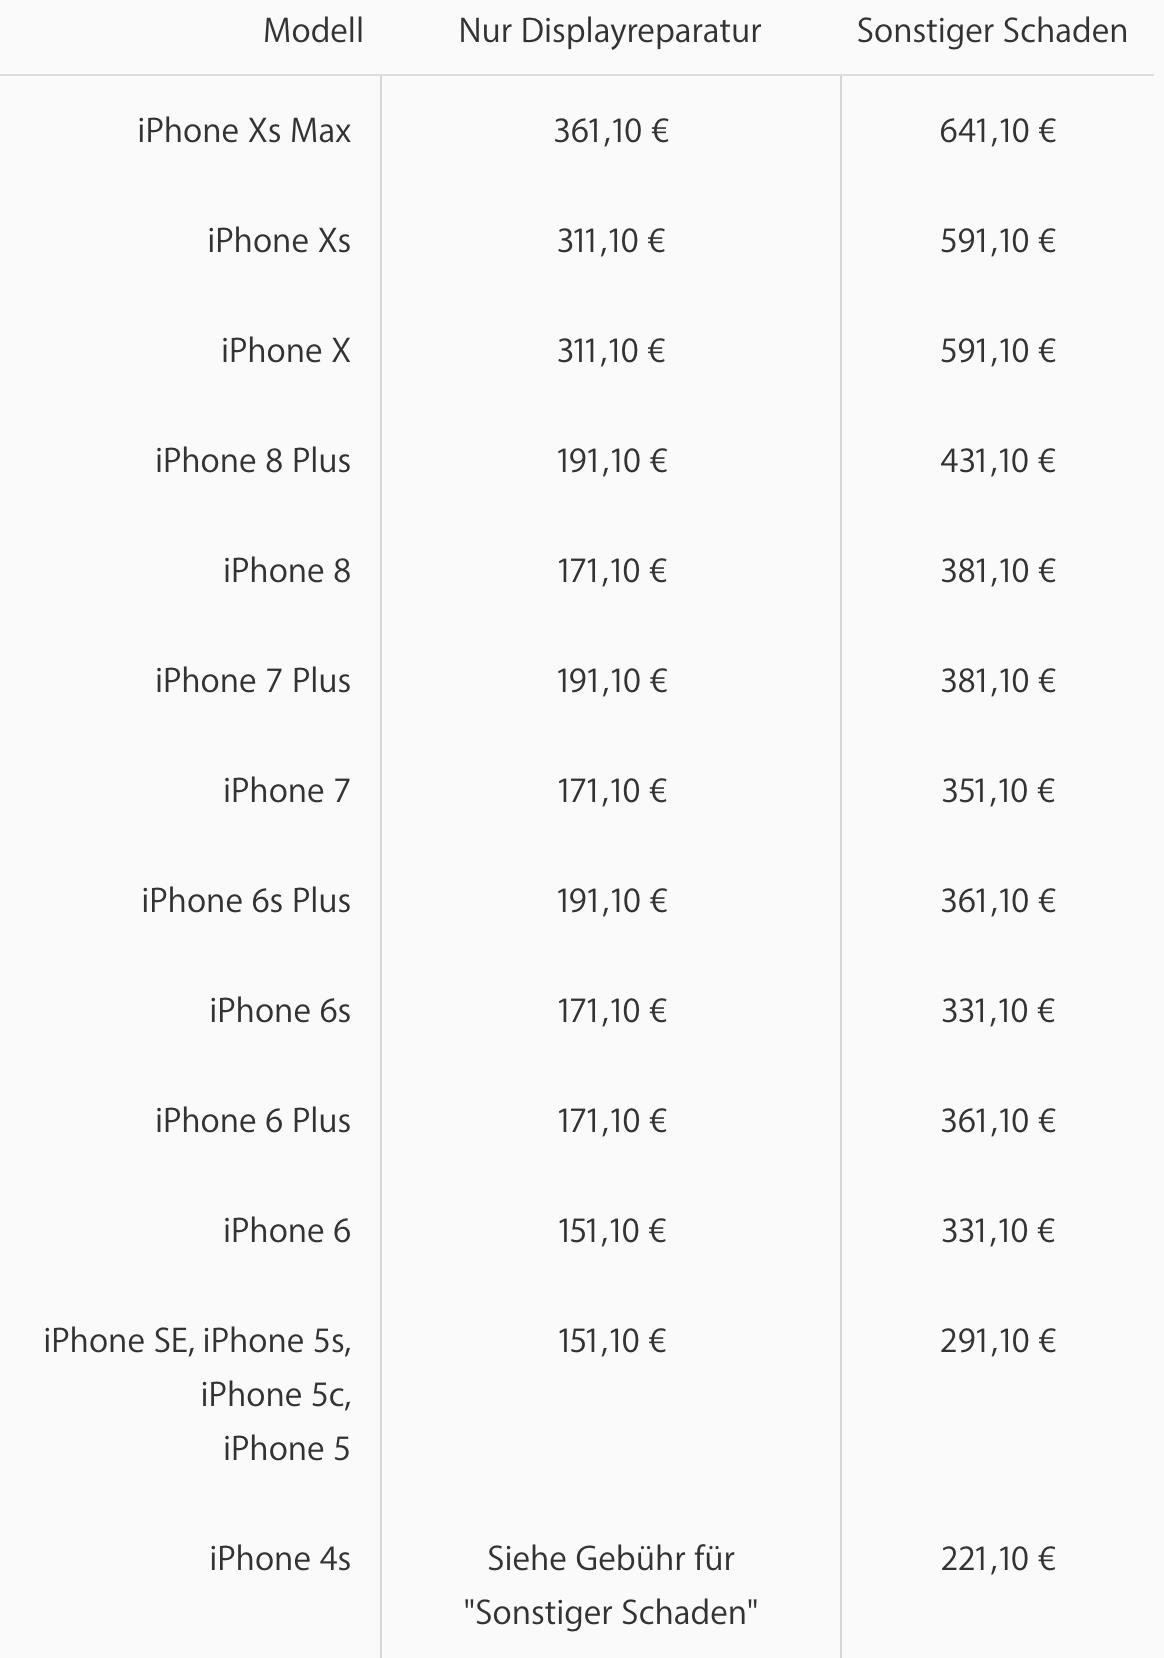 Iphone Serviceleistungen